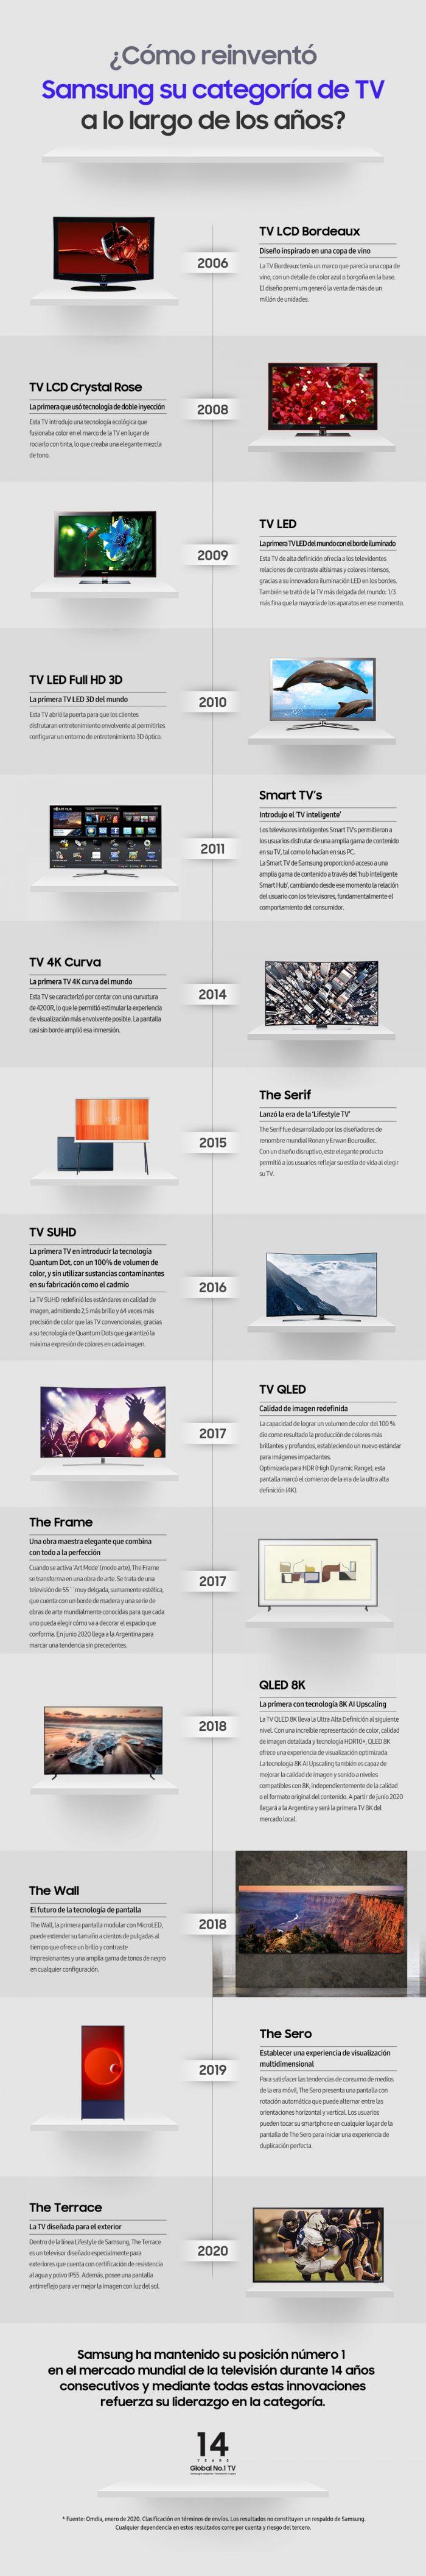 Samsung evoluciona reinventándose produciendo una gama de soluciones sofisticadas que han dado lugar a la era del 'Lifestyle TV'.